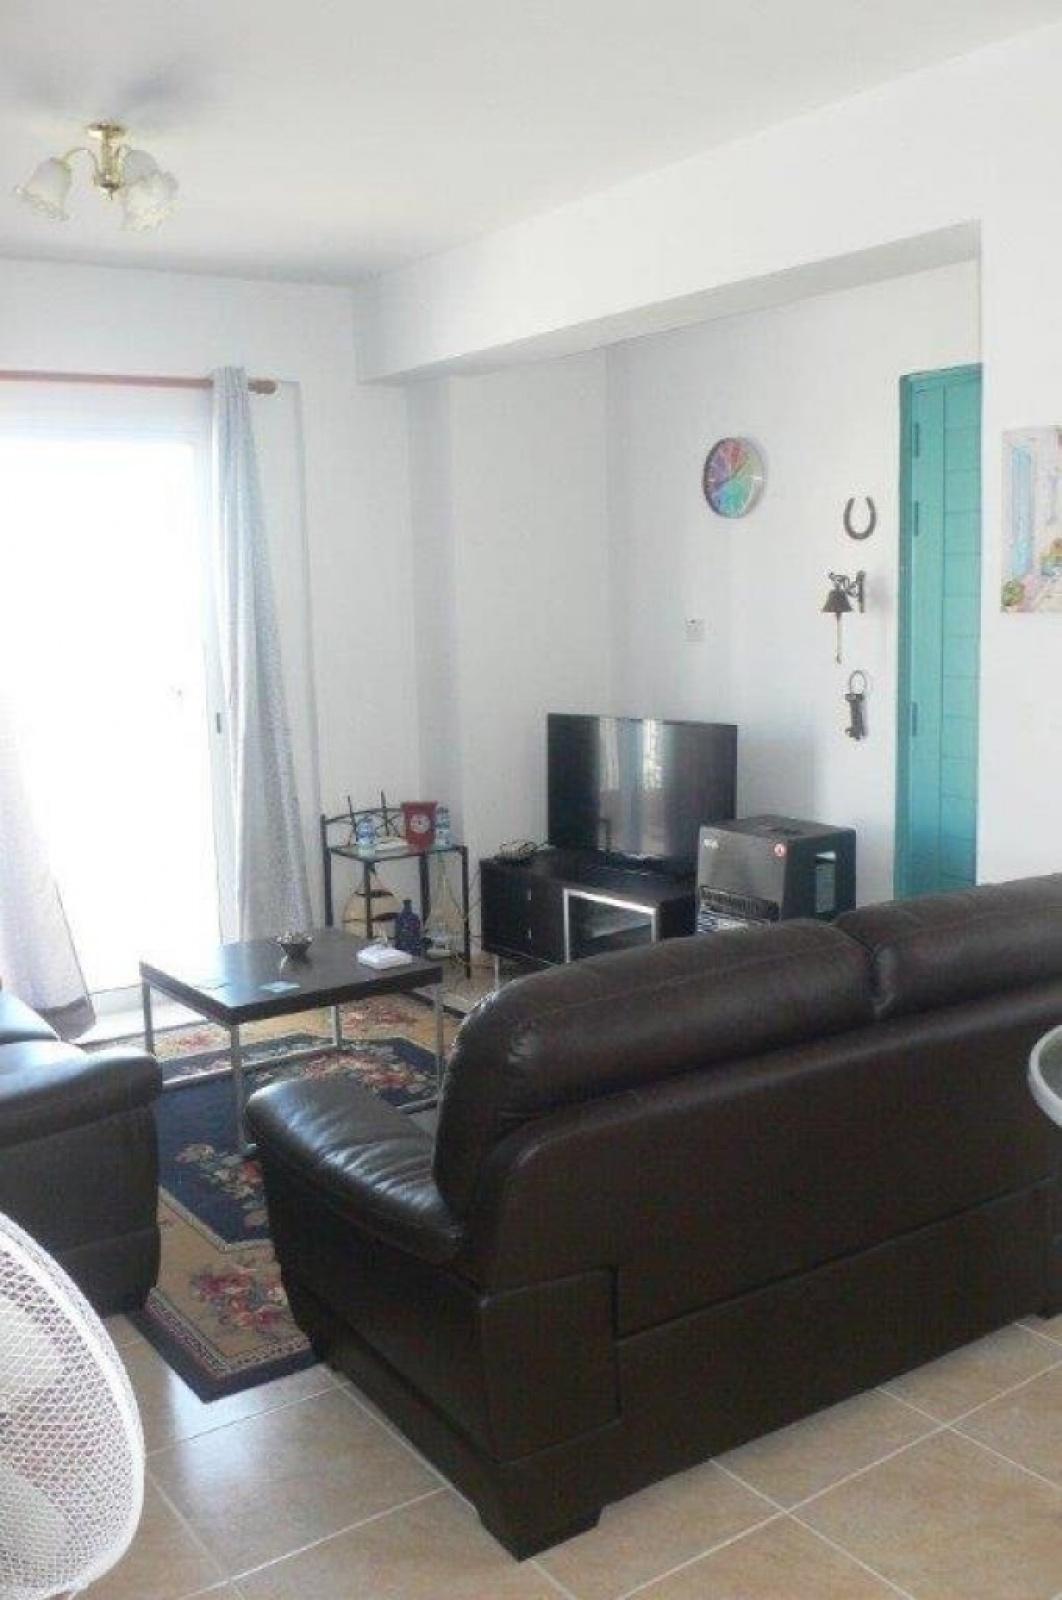 Residential Maisonette - 3 Bed Maisonette for Sale in Prodromi